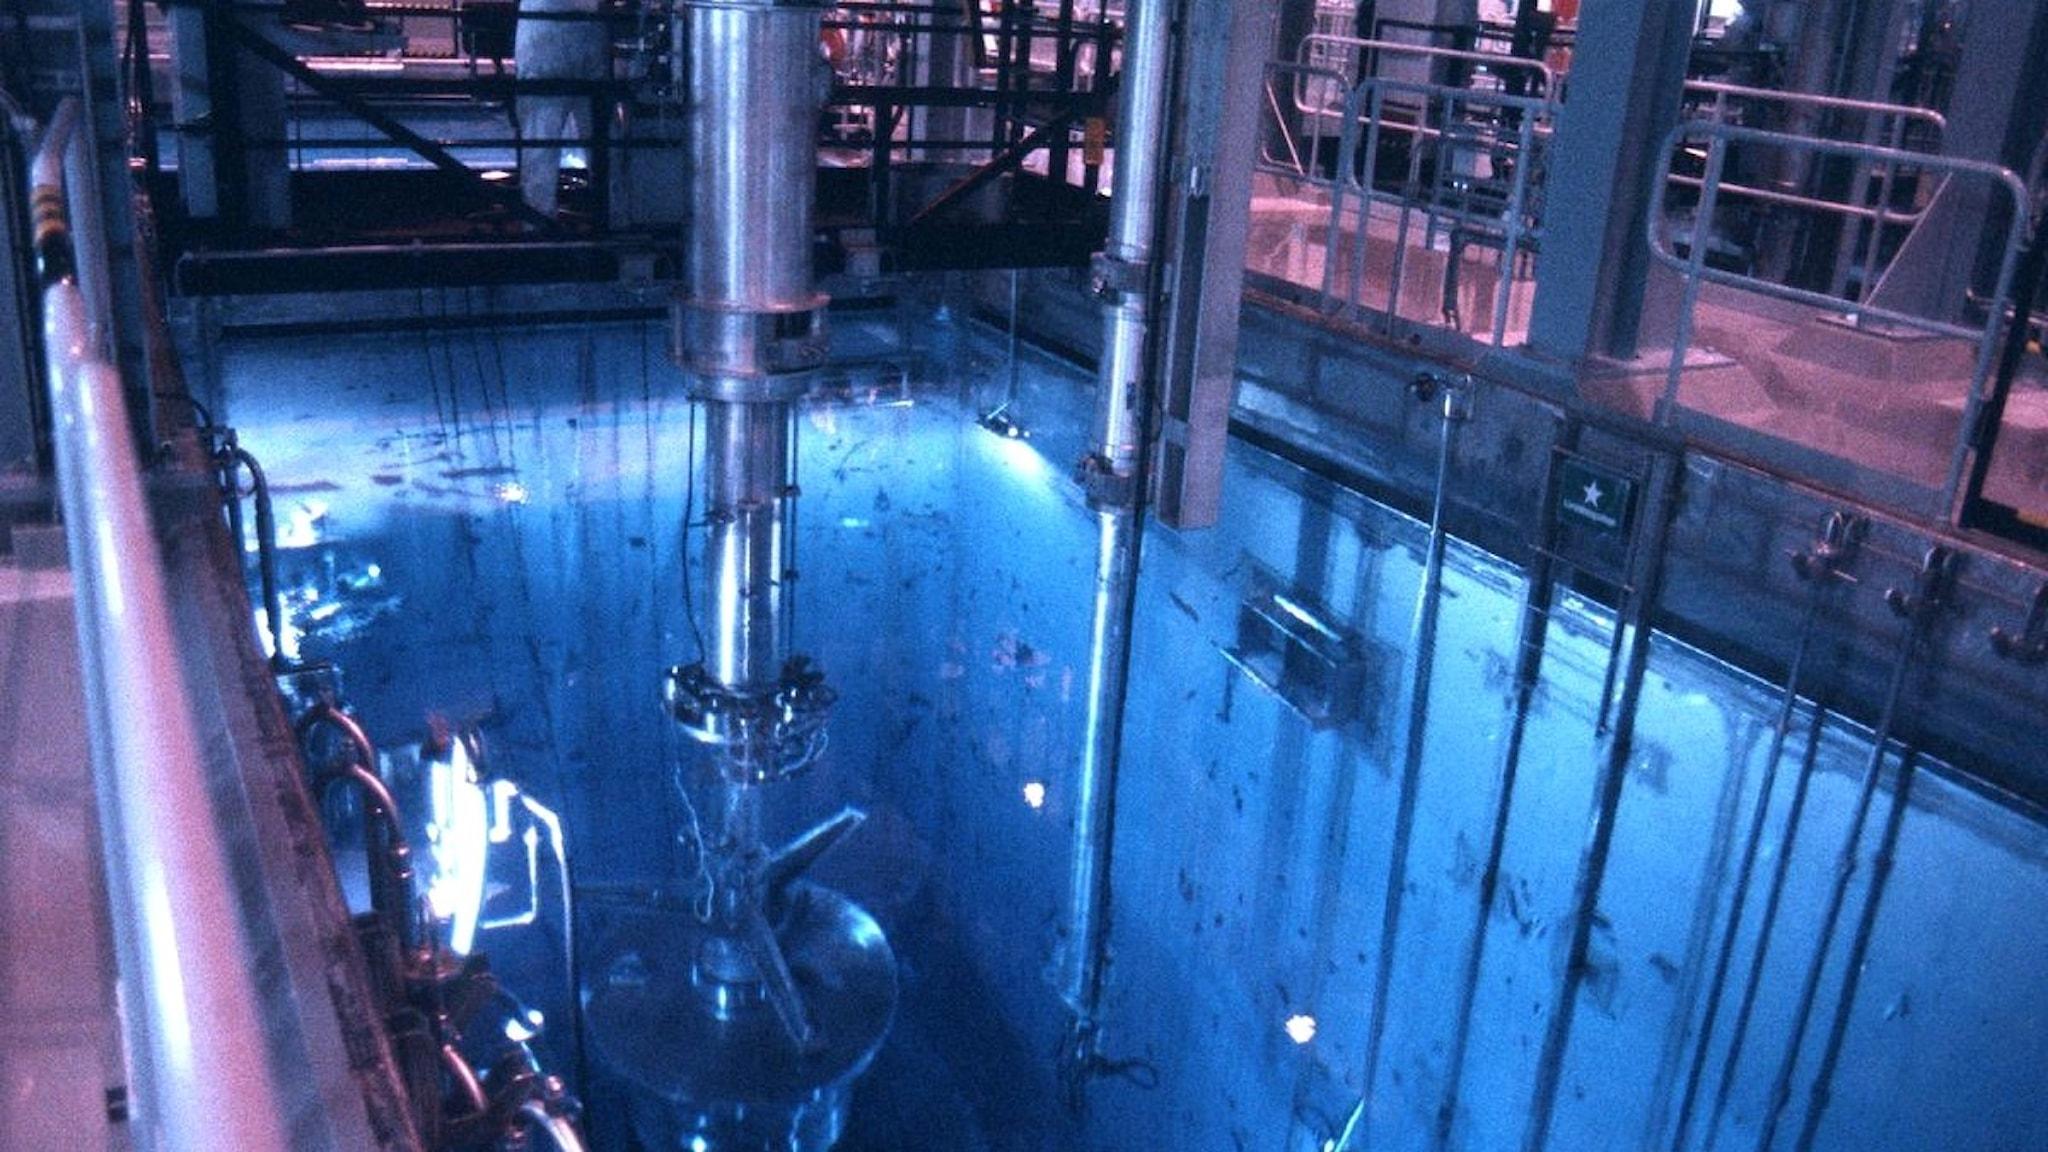 Mellanlager av svenkst kärnbränsle CLAB. Foto: SVT bild